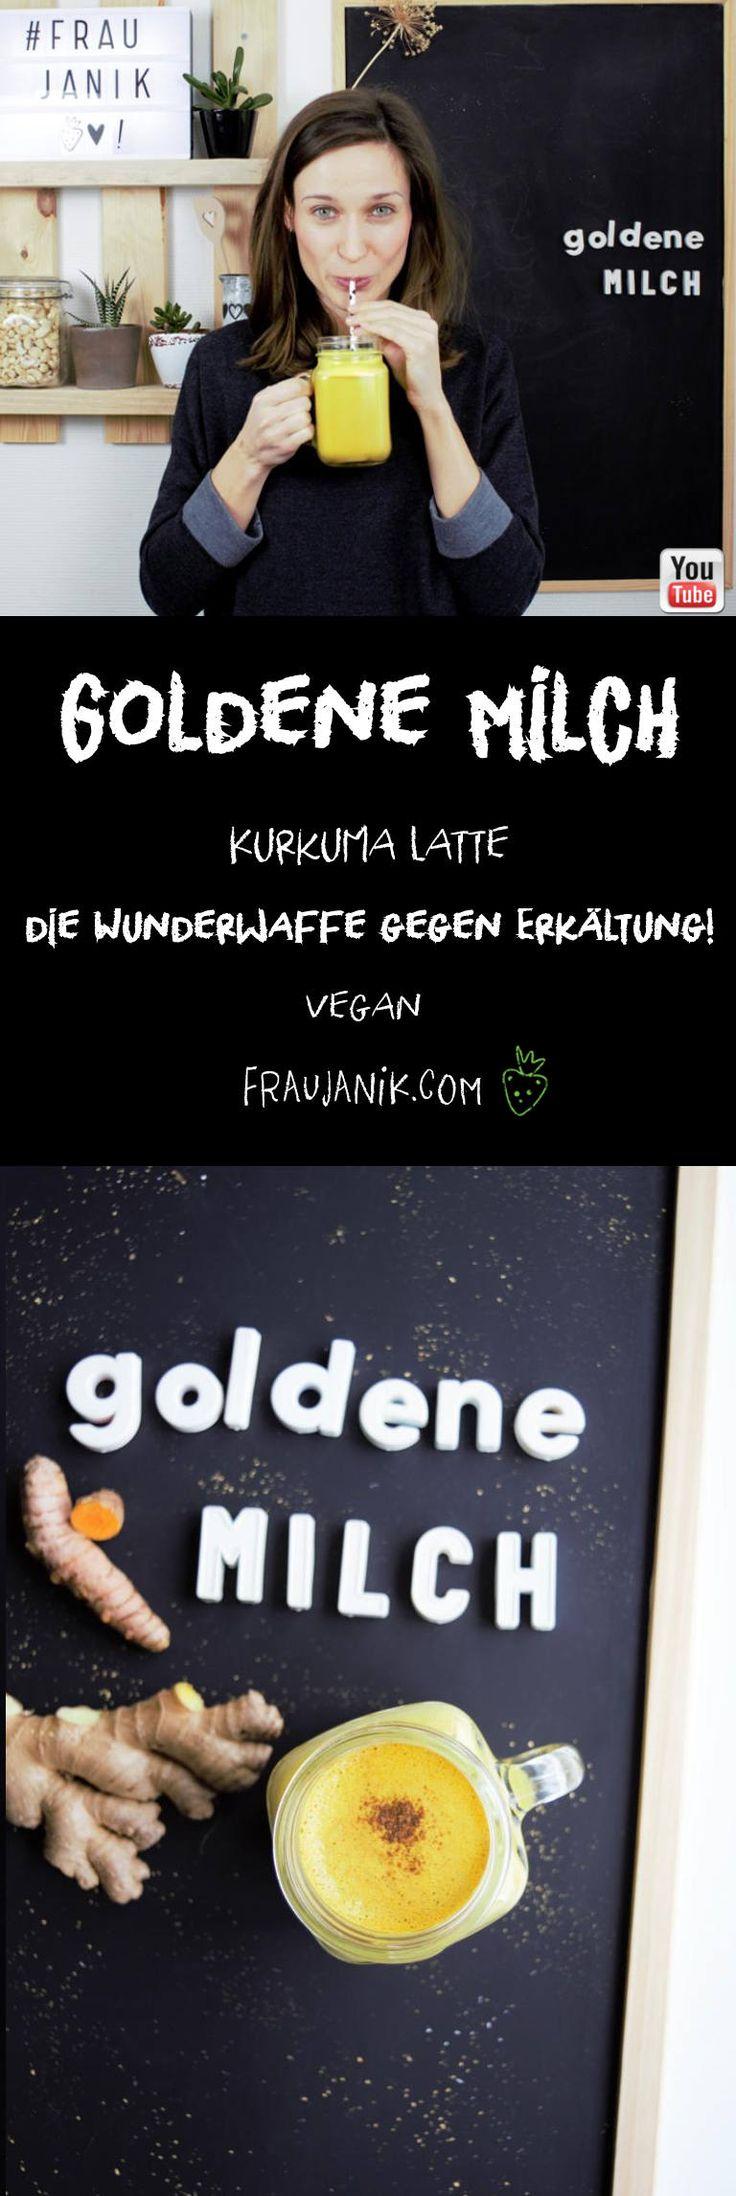 Goldene Milch | Kurkuma Latte | (vegan) die Wunderwaffe gegen Erkältung... Die Goldene Milch wirkt entzündungshemmend, stärkt das Immunsystem und regt die Leberfunktion an, unterstützt den Körper also bei der Reinigung und wirkt antioxidativ. #goldenemilch #kurkumalatte #kurkuma #gesund #gesunderezepte #ingwer #erkältung #tee #gesundegetränke